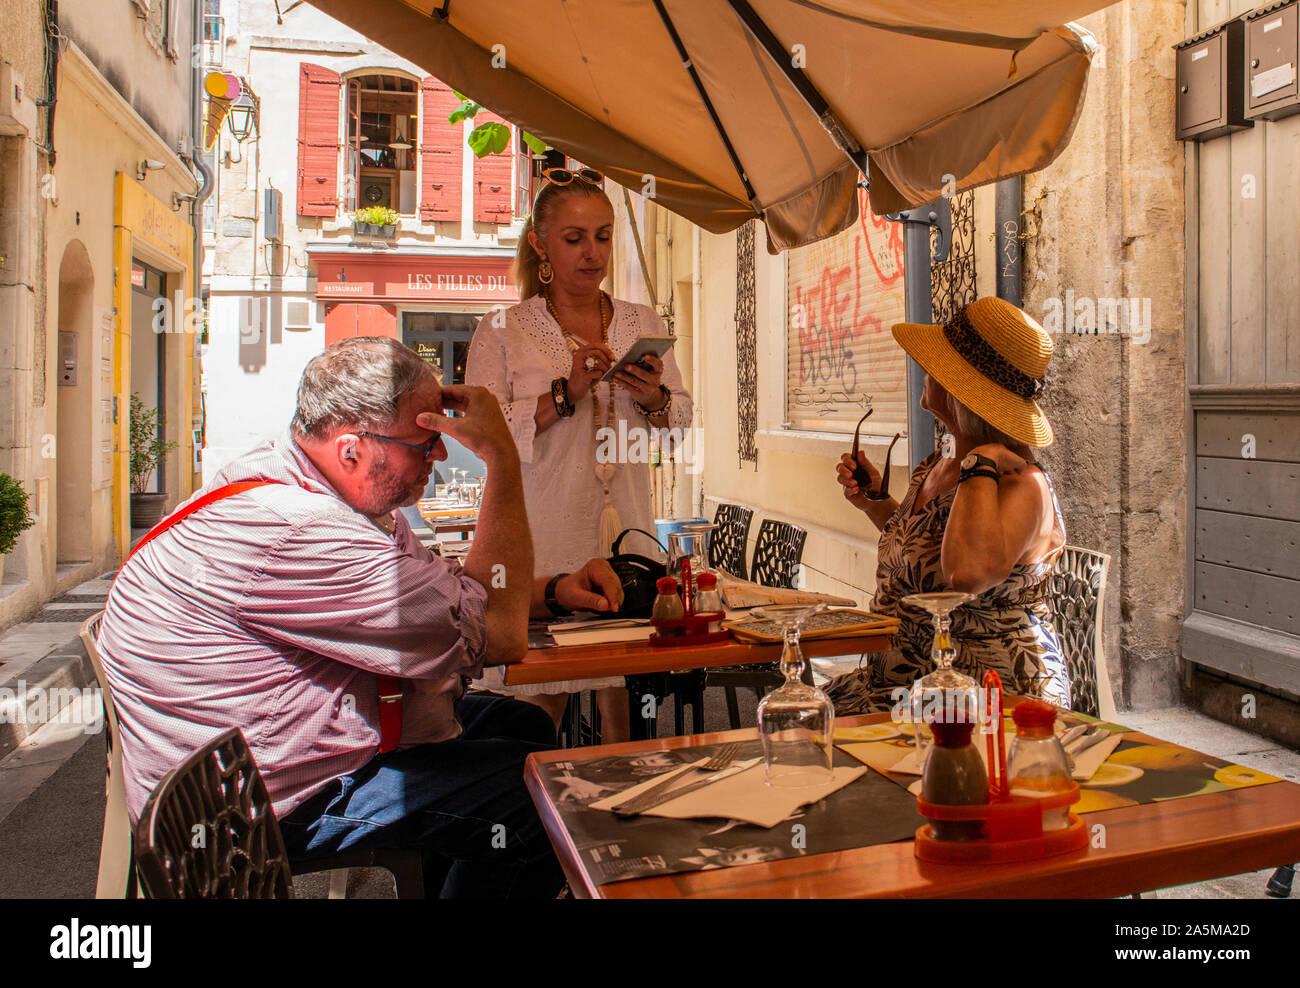 Kellnerin das Essen Aufträge von Kunden im Cafe, Arles, Frankreich Stockfoto